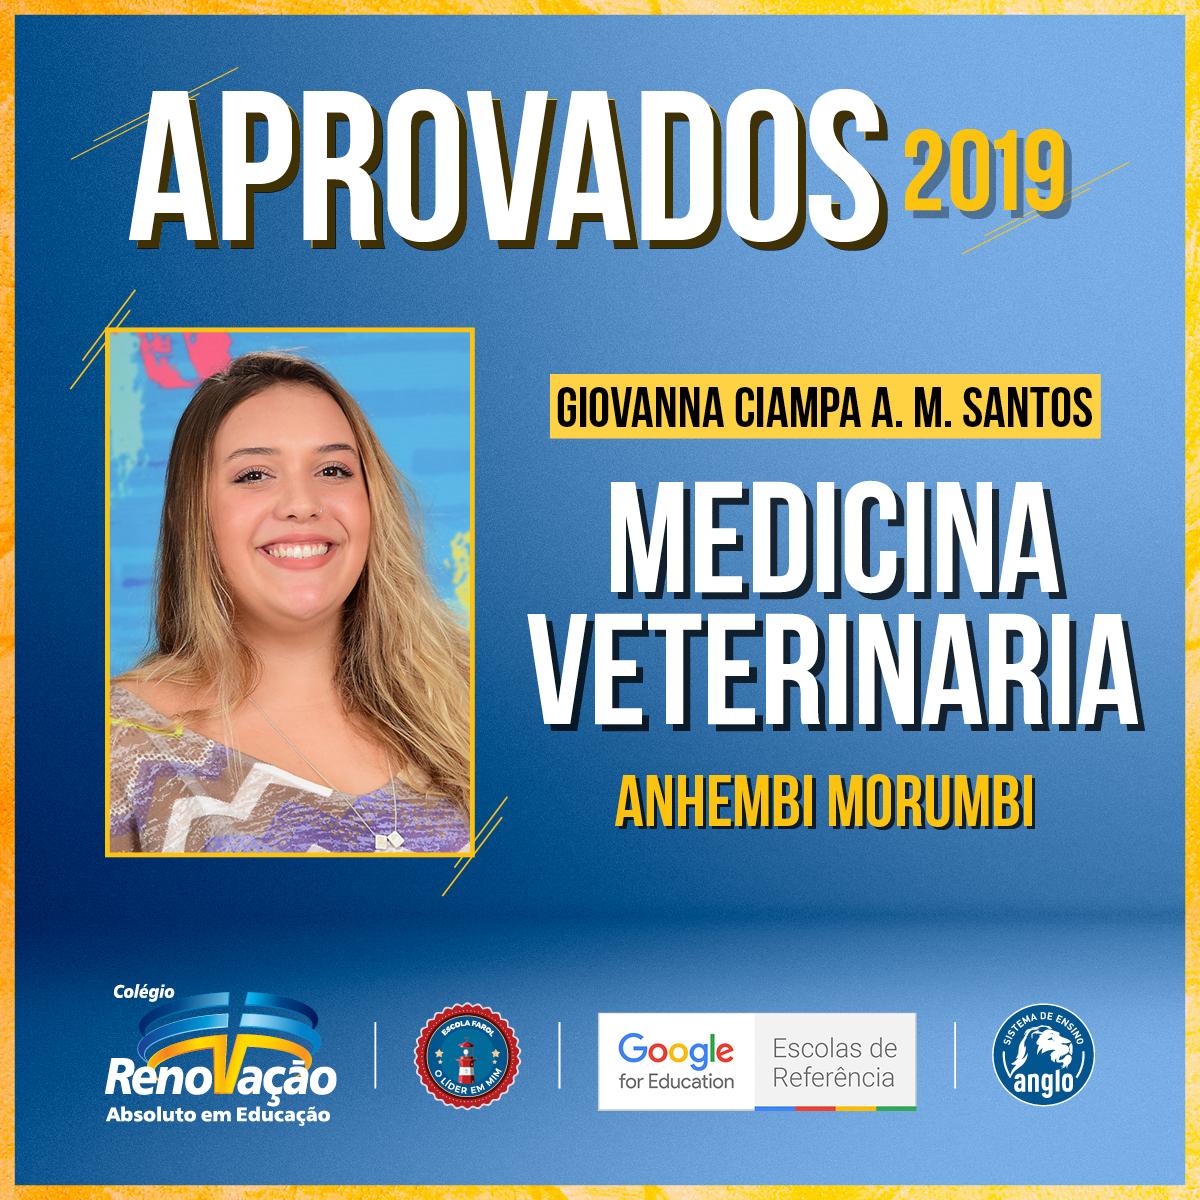 16992_Desdobramentos_Post_BannerAprovados2019_ColegioRenovacaoSP16